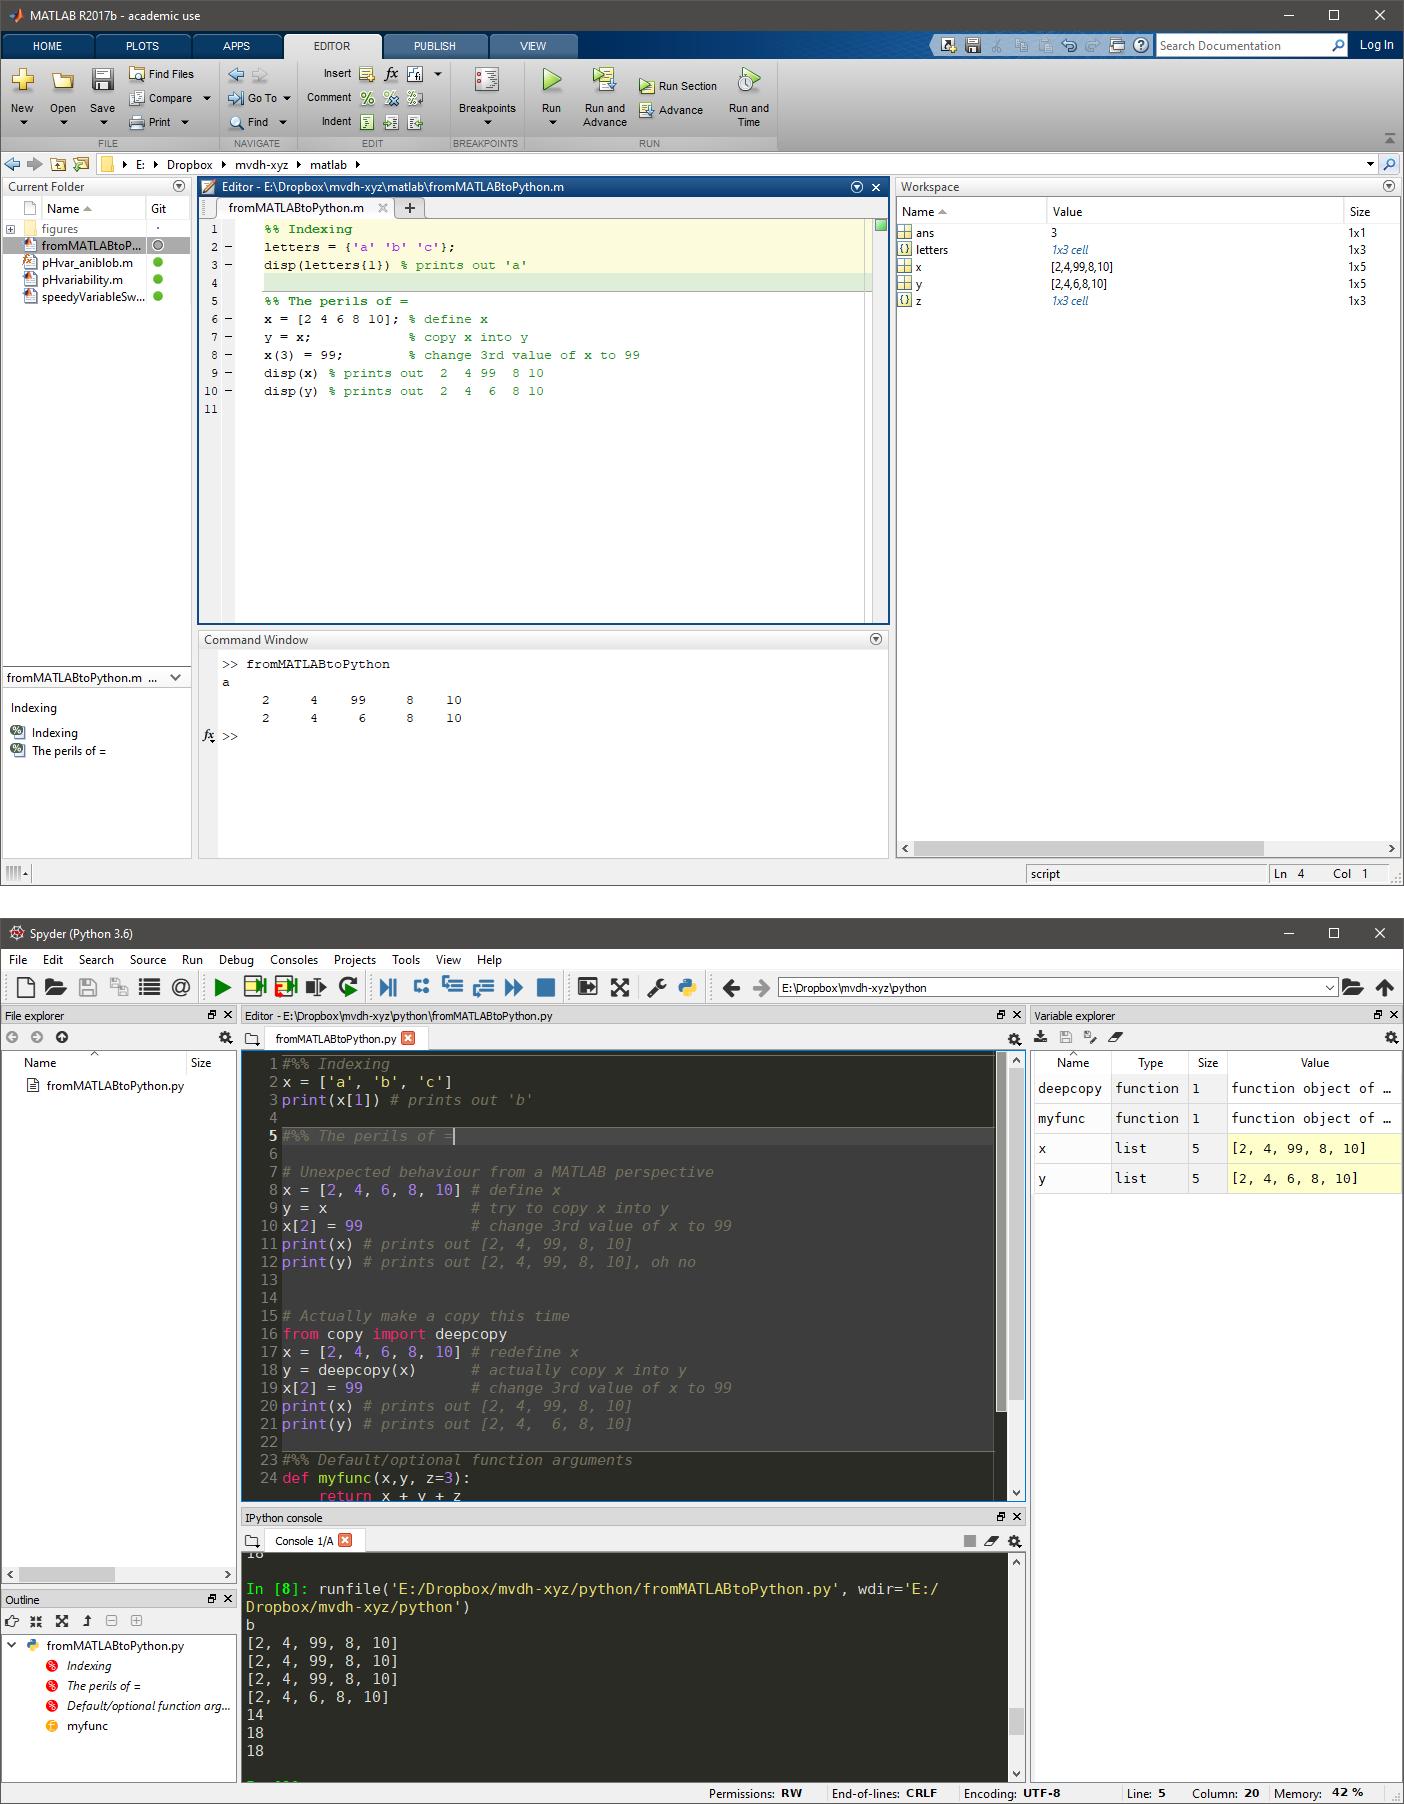 Top: my MATLAB setup. Bottom: Spyder IDE in MATLAB layout.